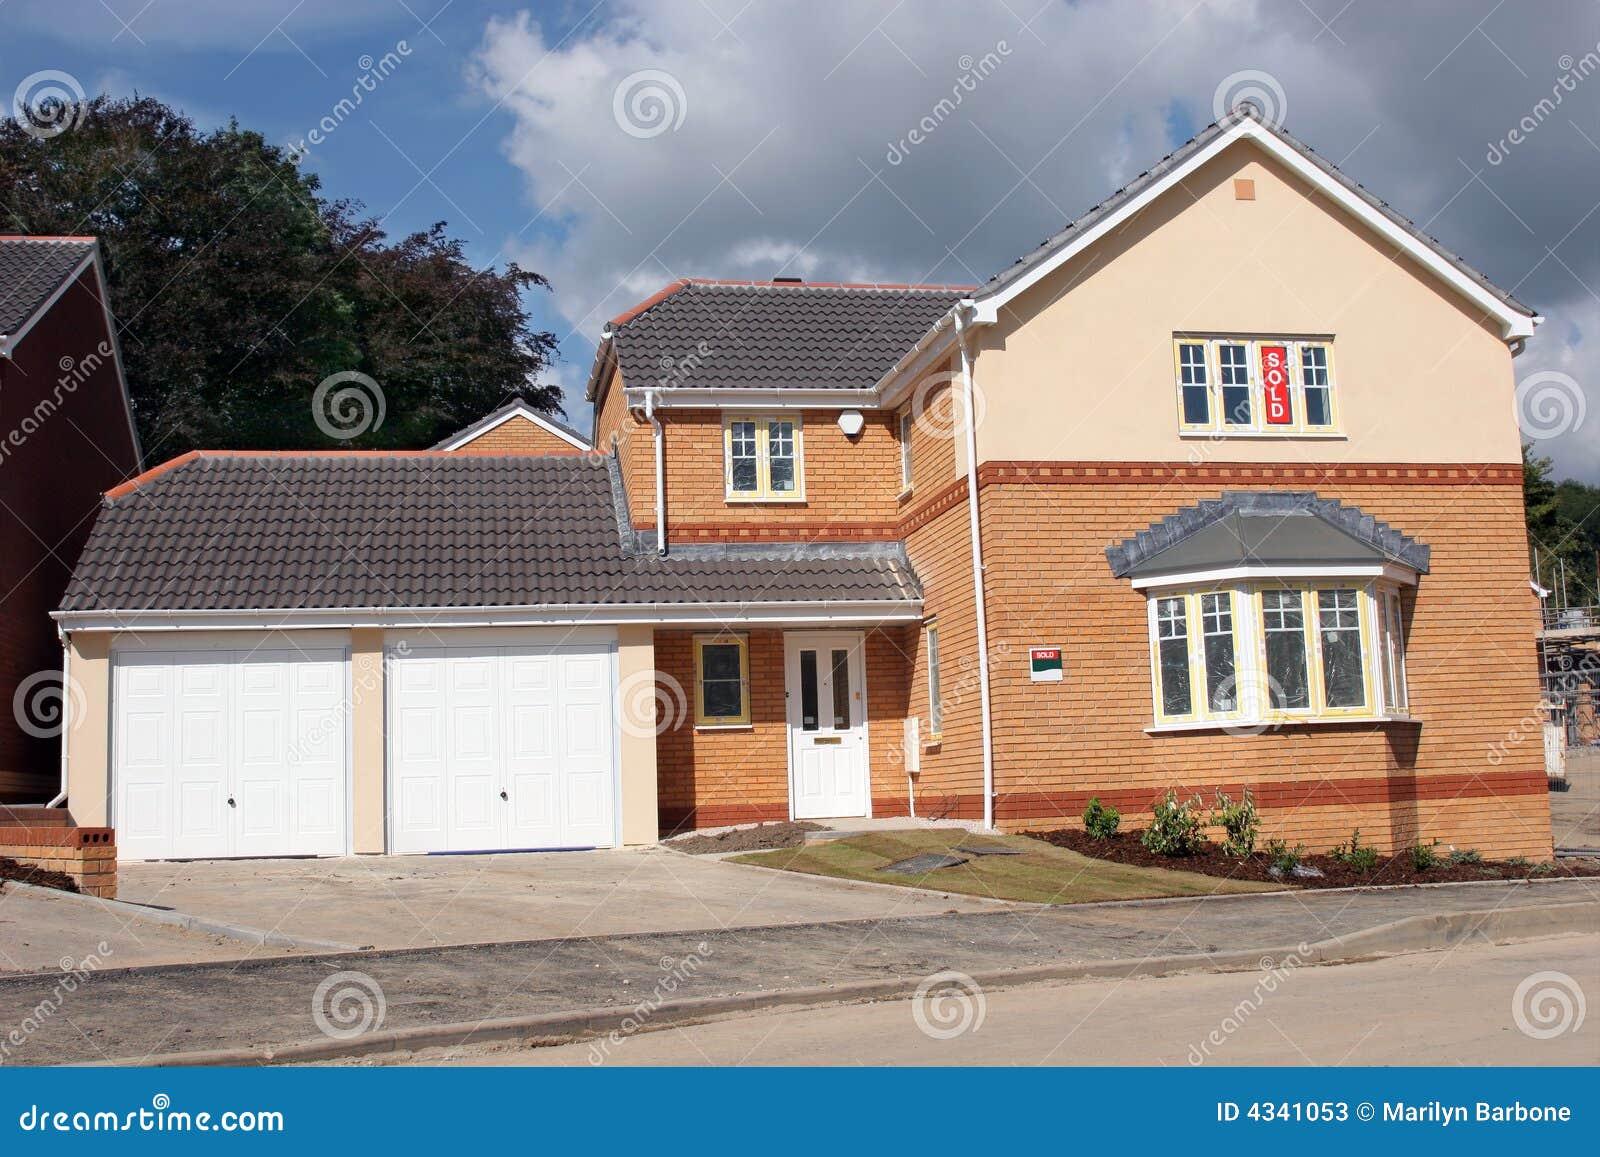 Försäljning av småhus